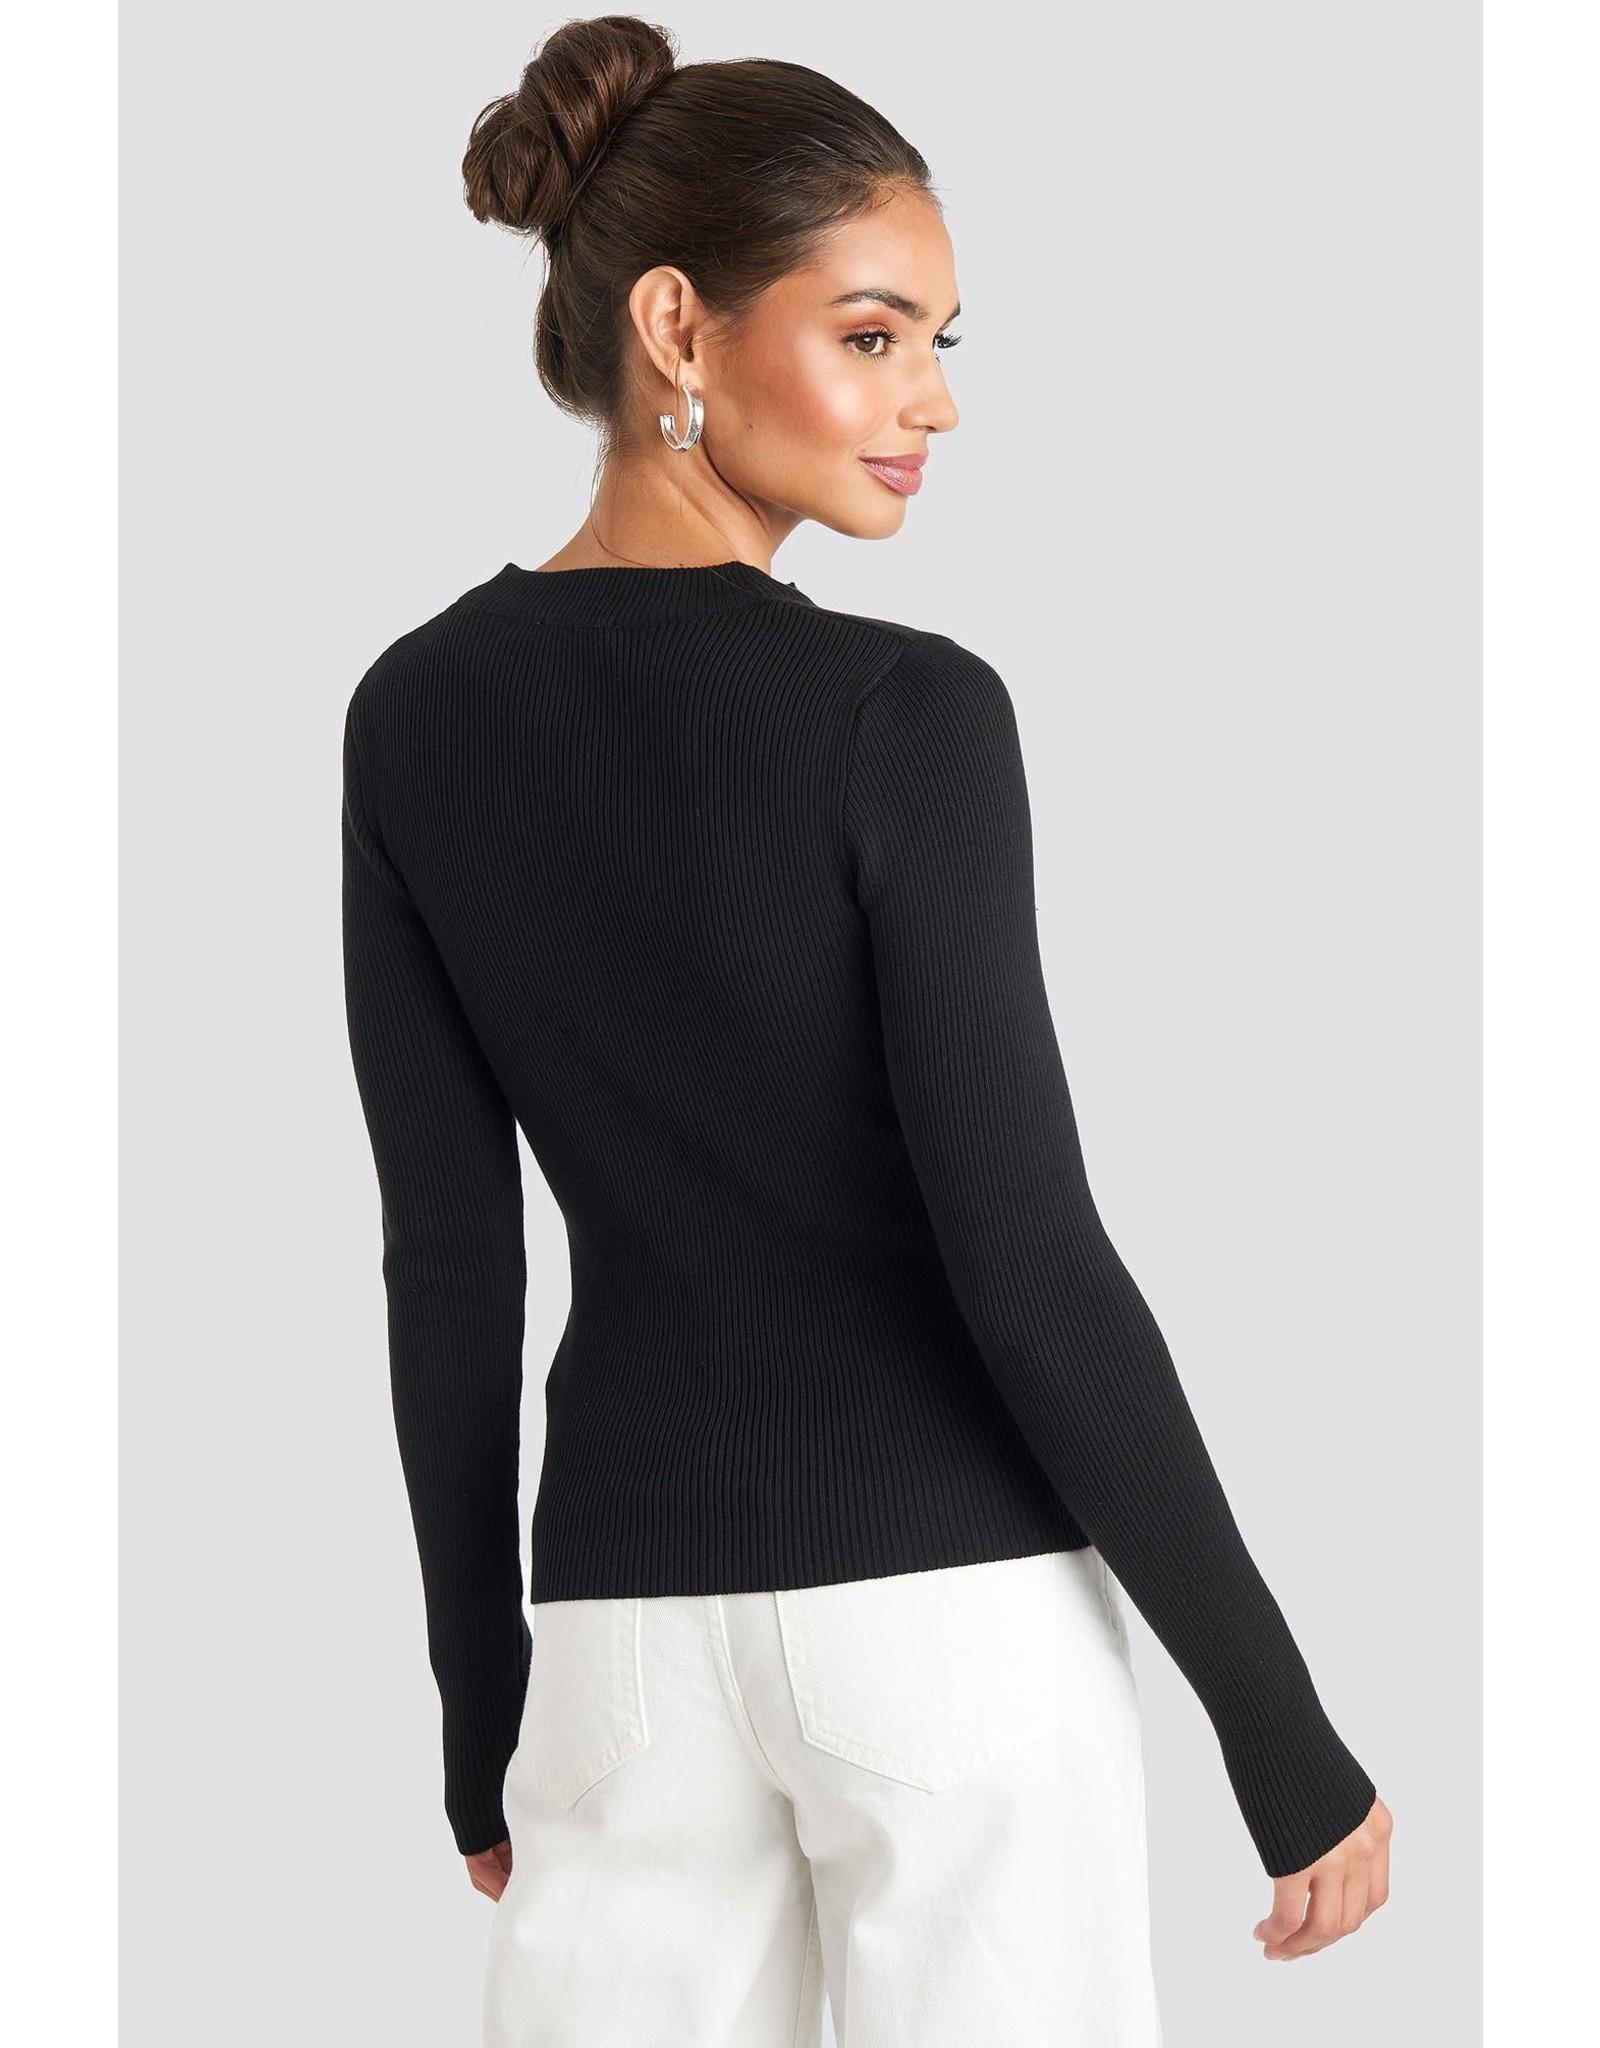 NA-KD NA-KD zip knitted sweater